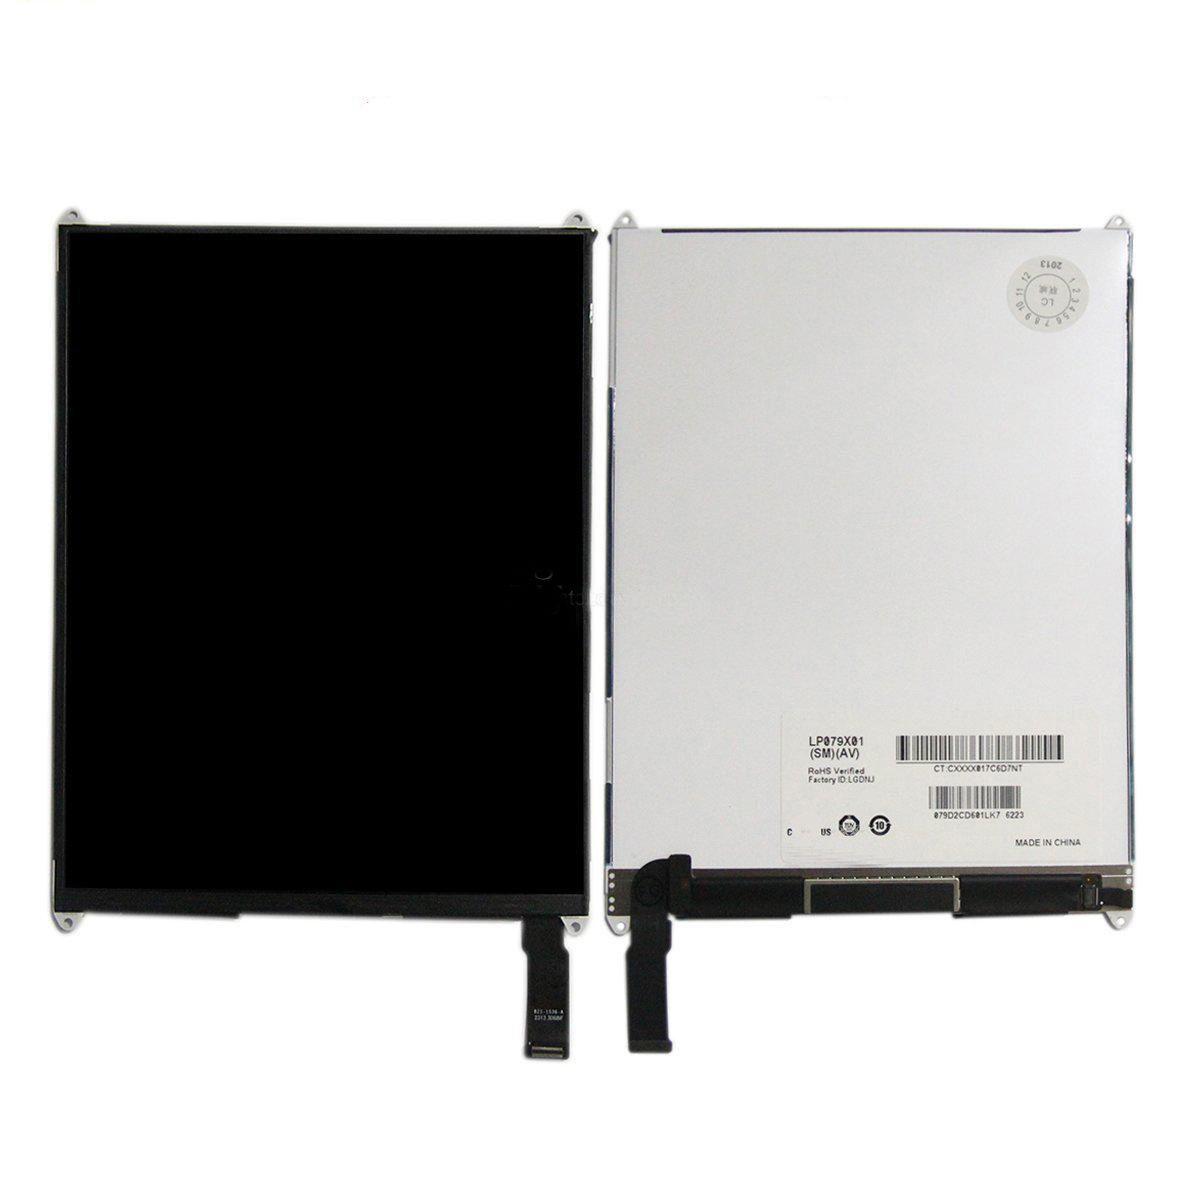 Tela Frontal iPad Mini 1 A1432 A1454 A1455